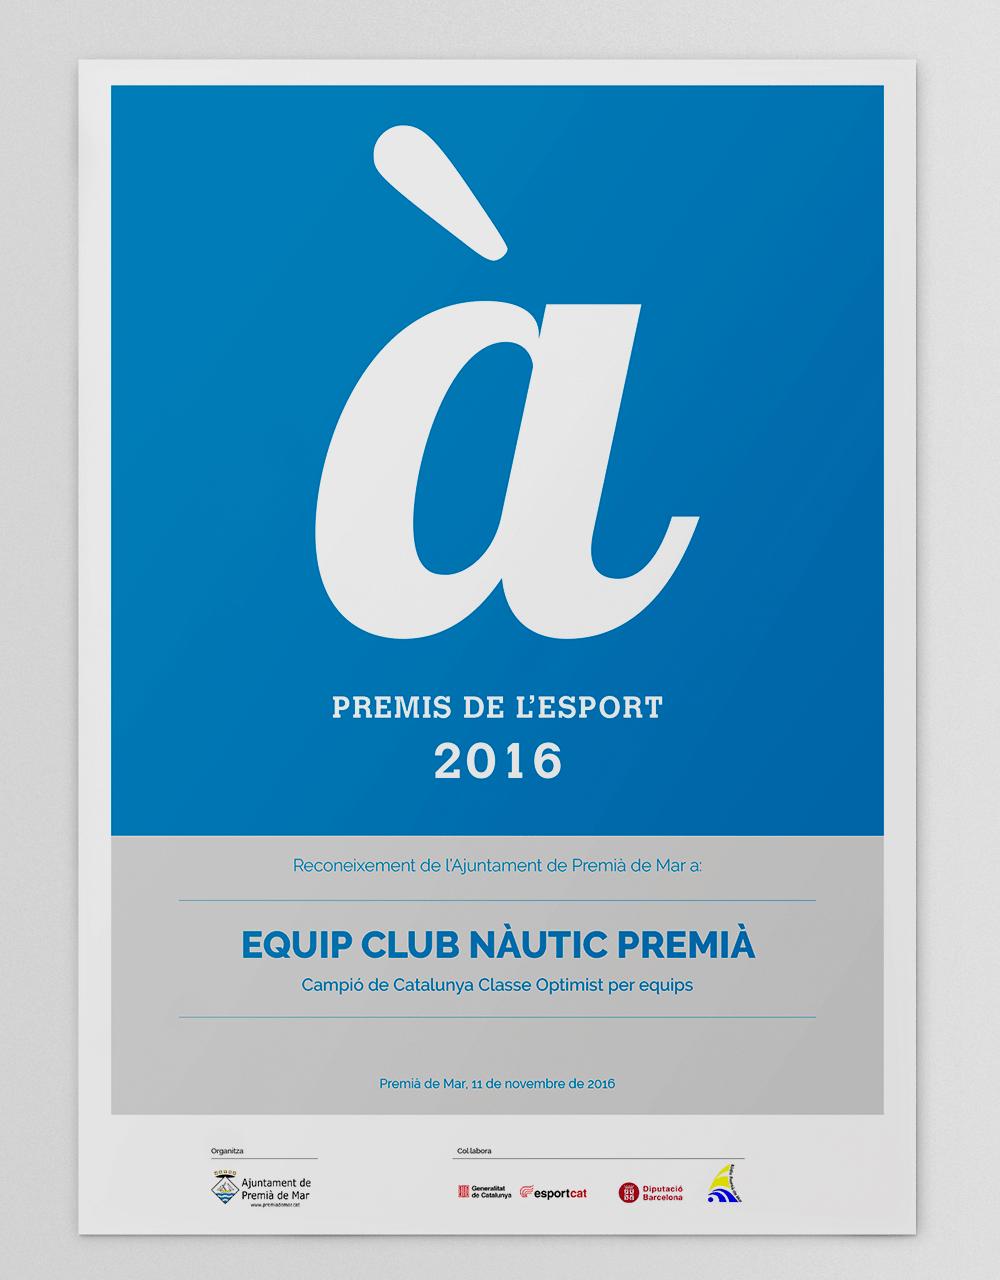 Diploma_PremisA_de_esport_Premia_de_Mar_2016